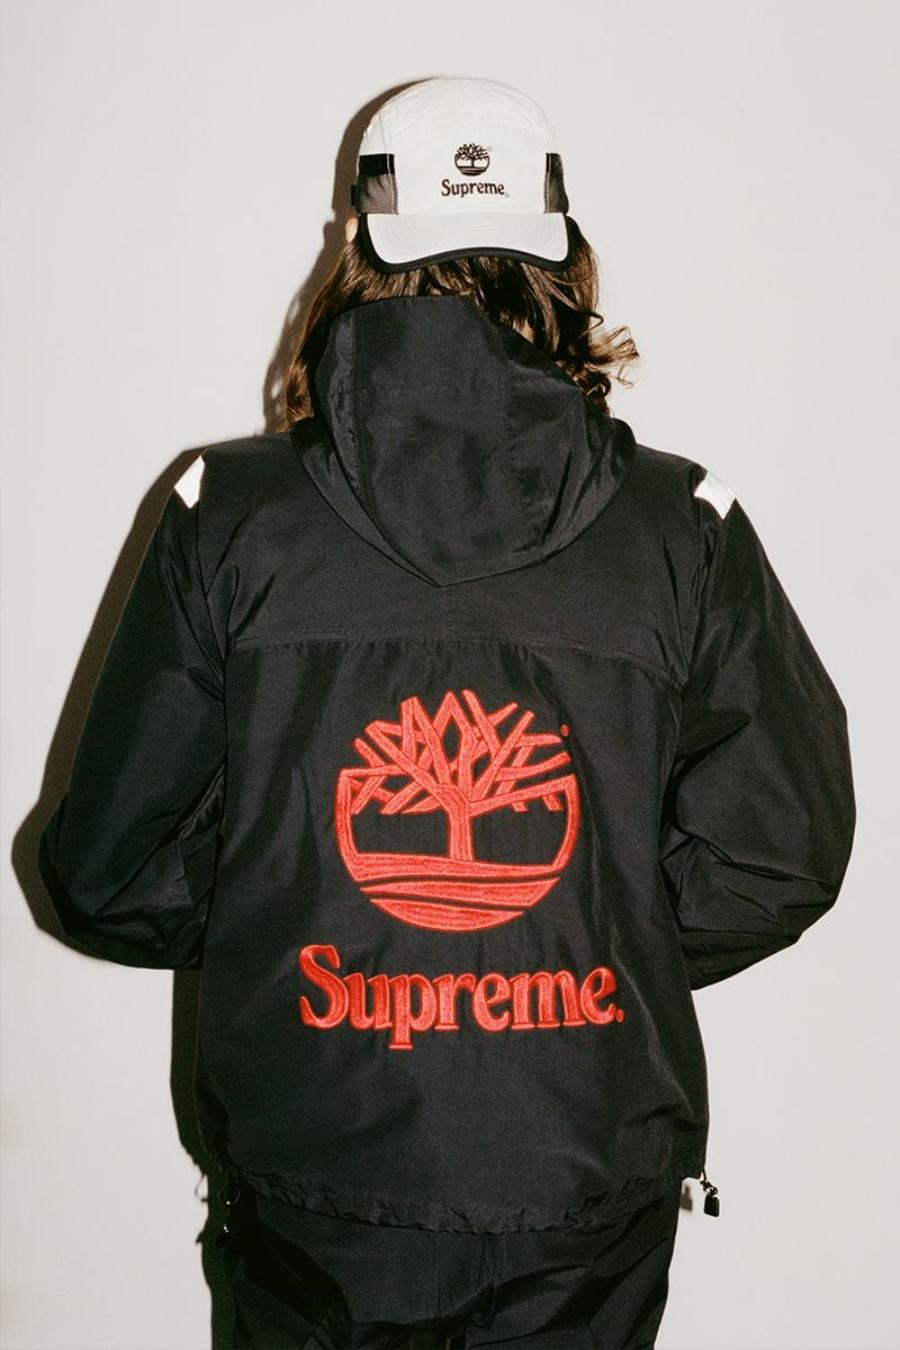 Indumentaria de la colección Supreme x Timberland